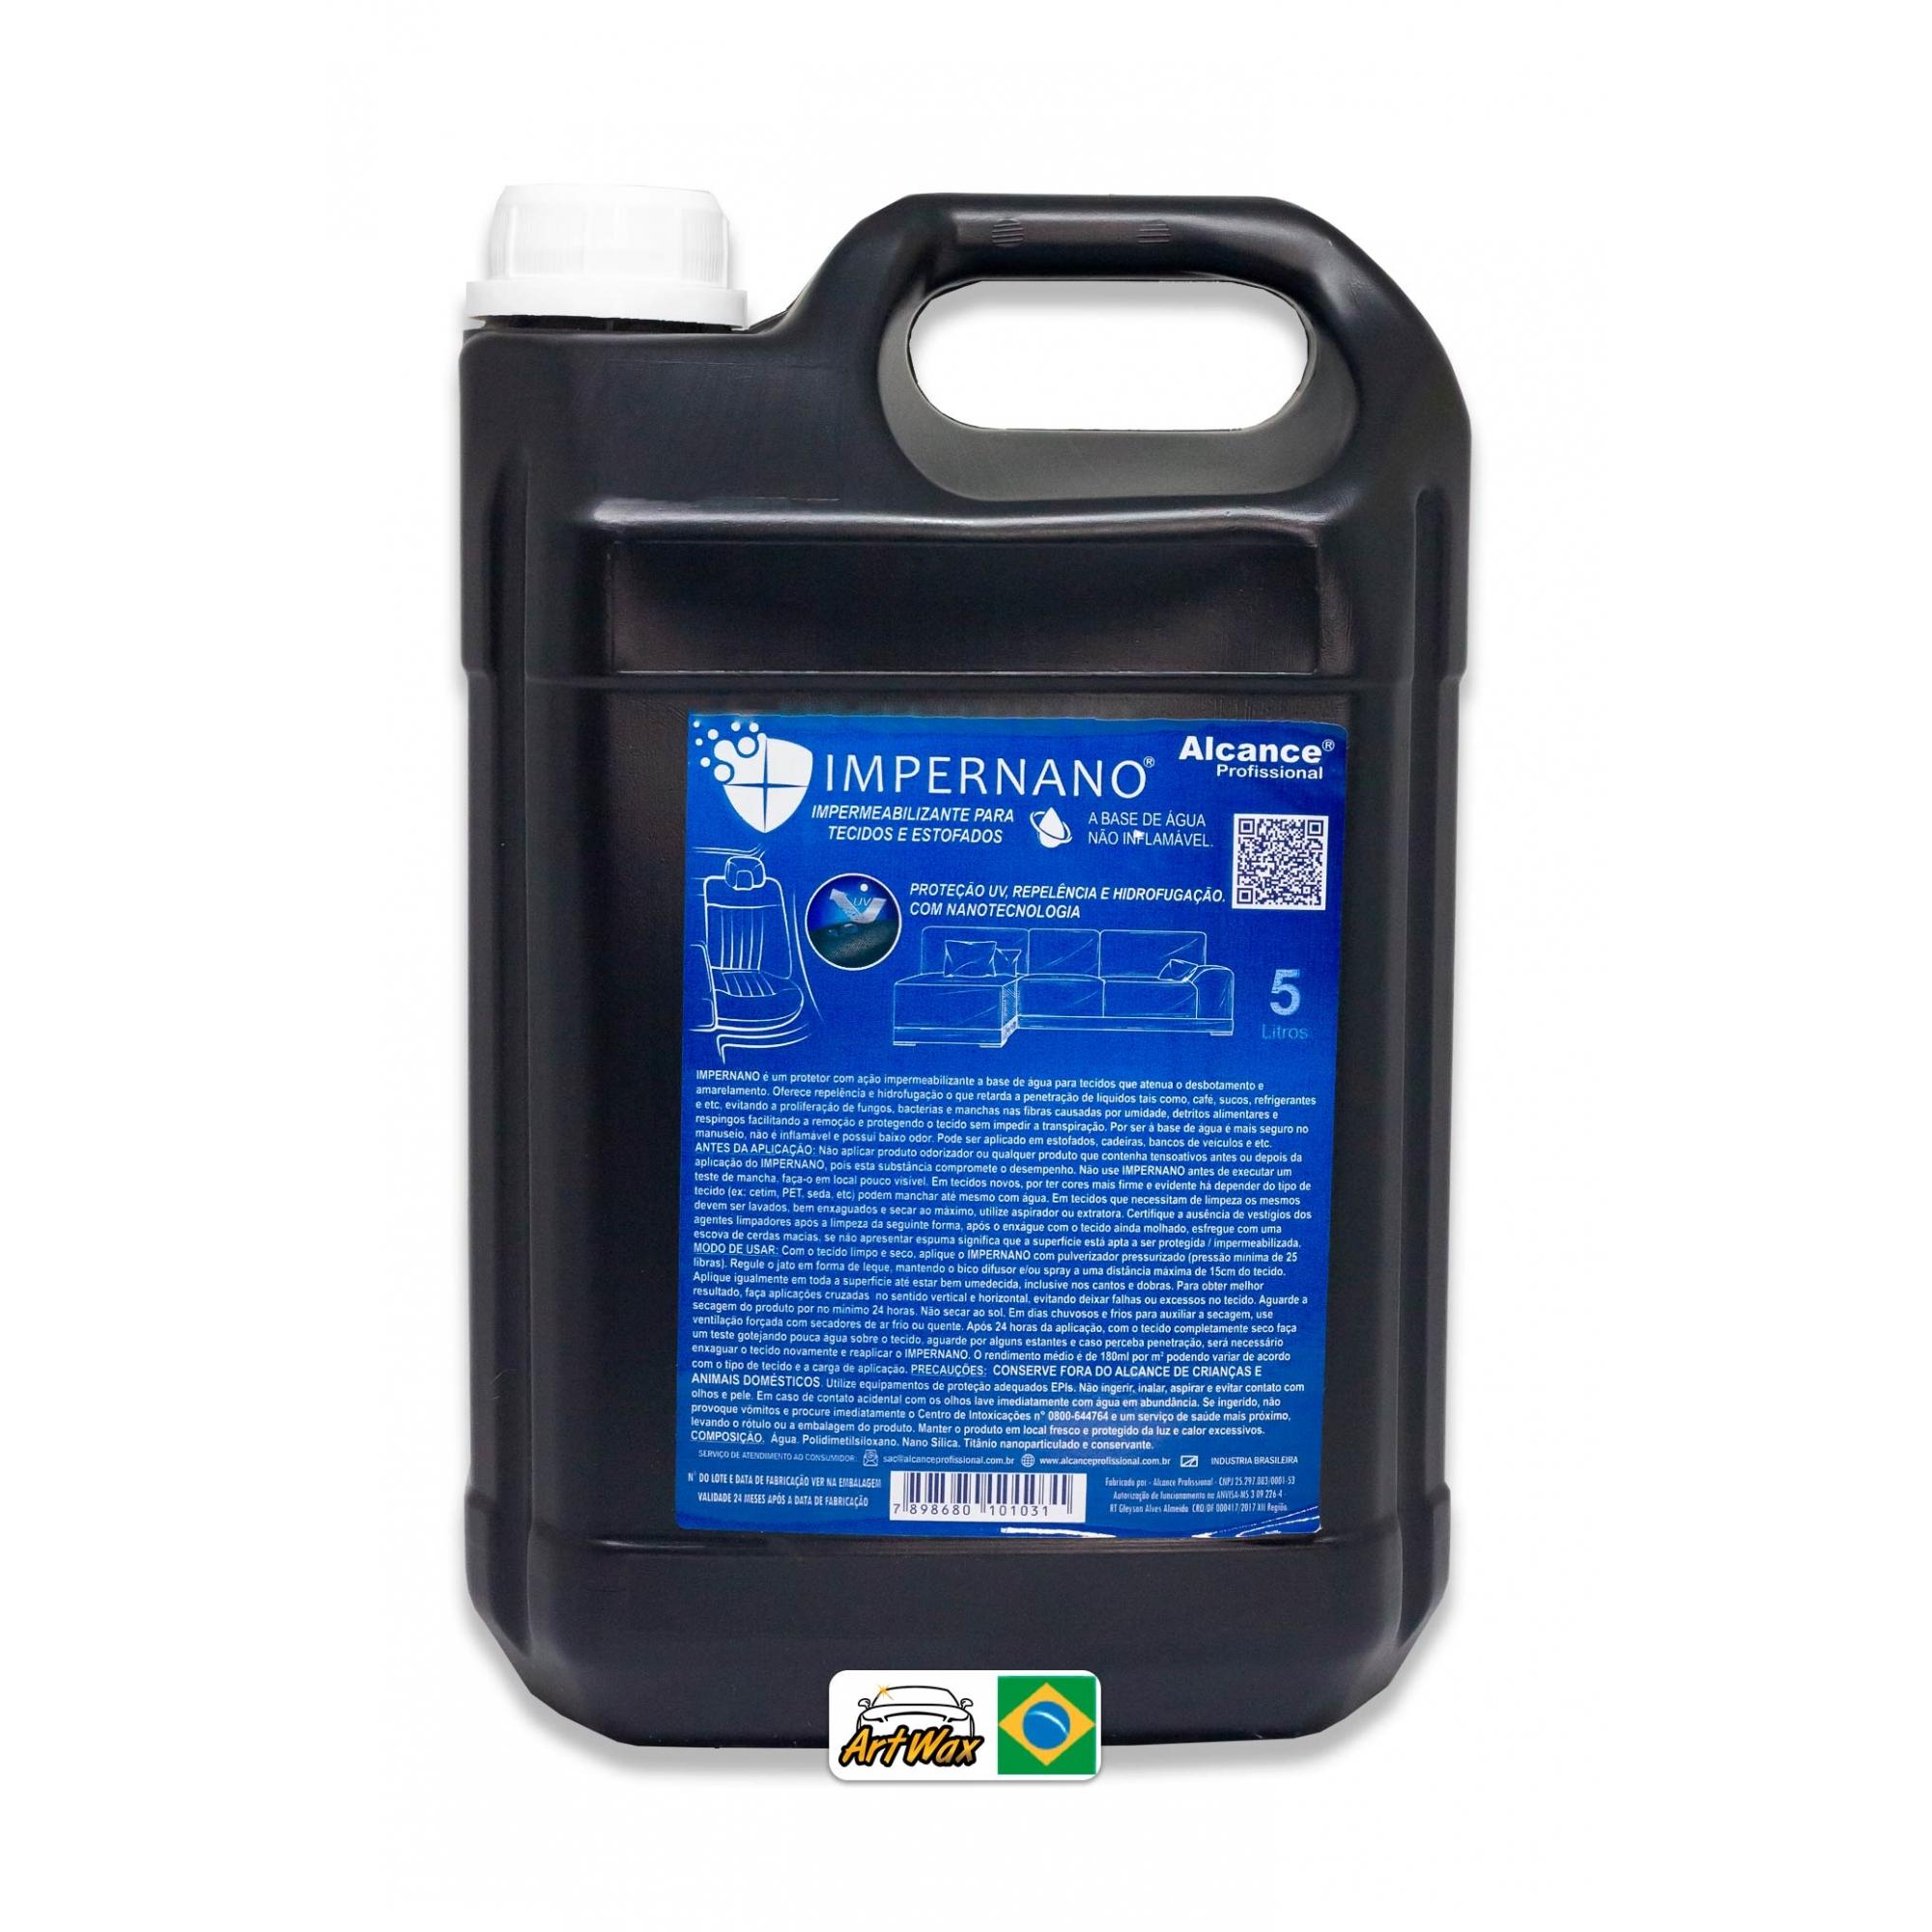 Alcance Impernano 5L - Protetor de Tecidos e Estofados com Ação Impermeabilizante